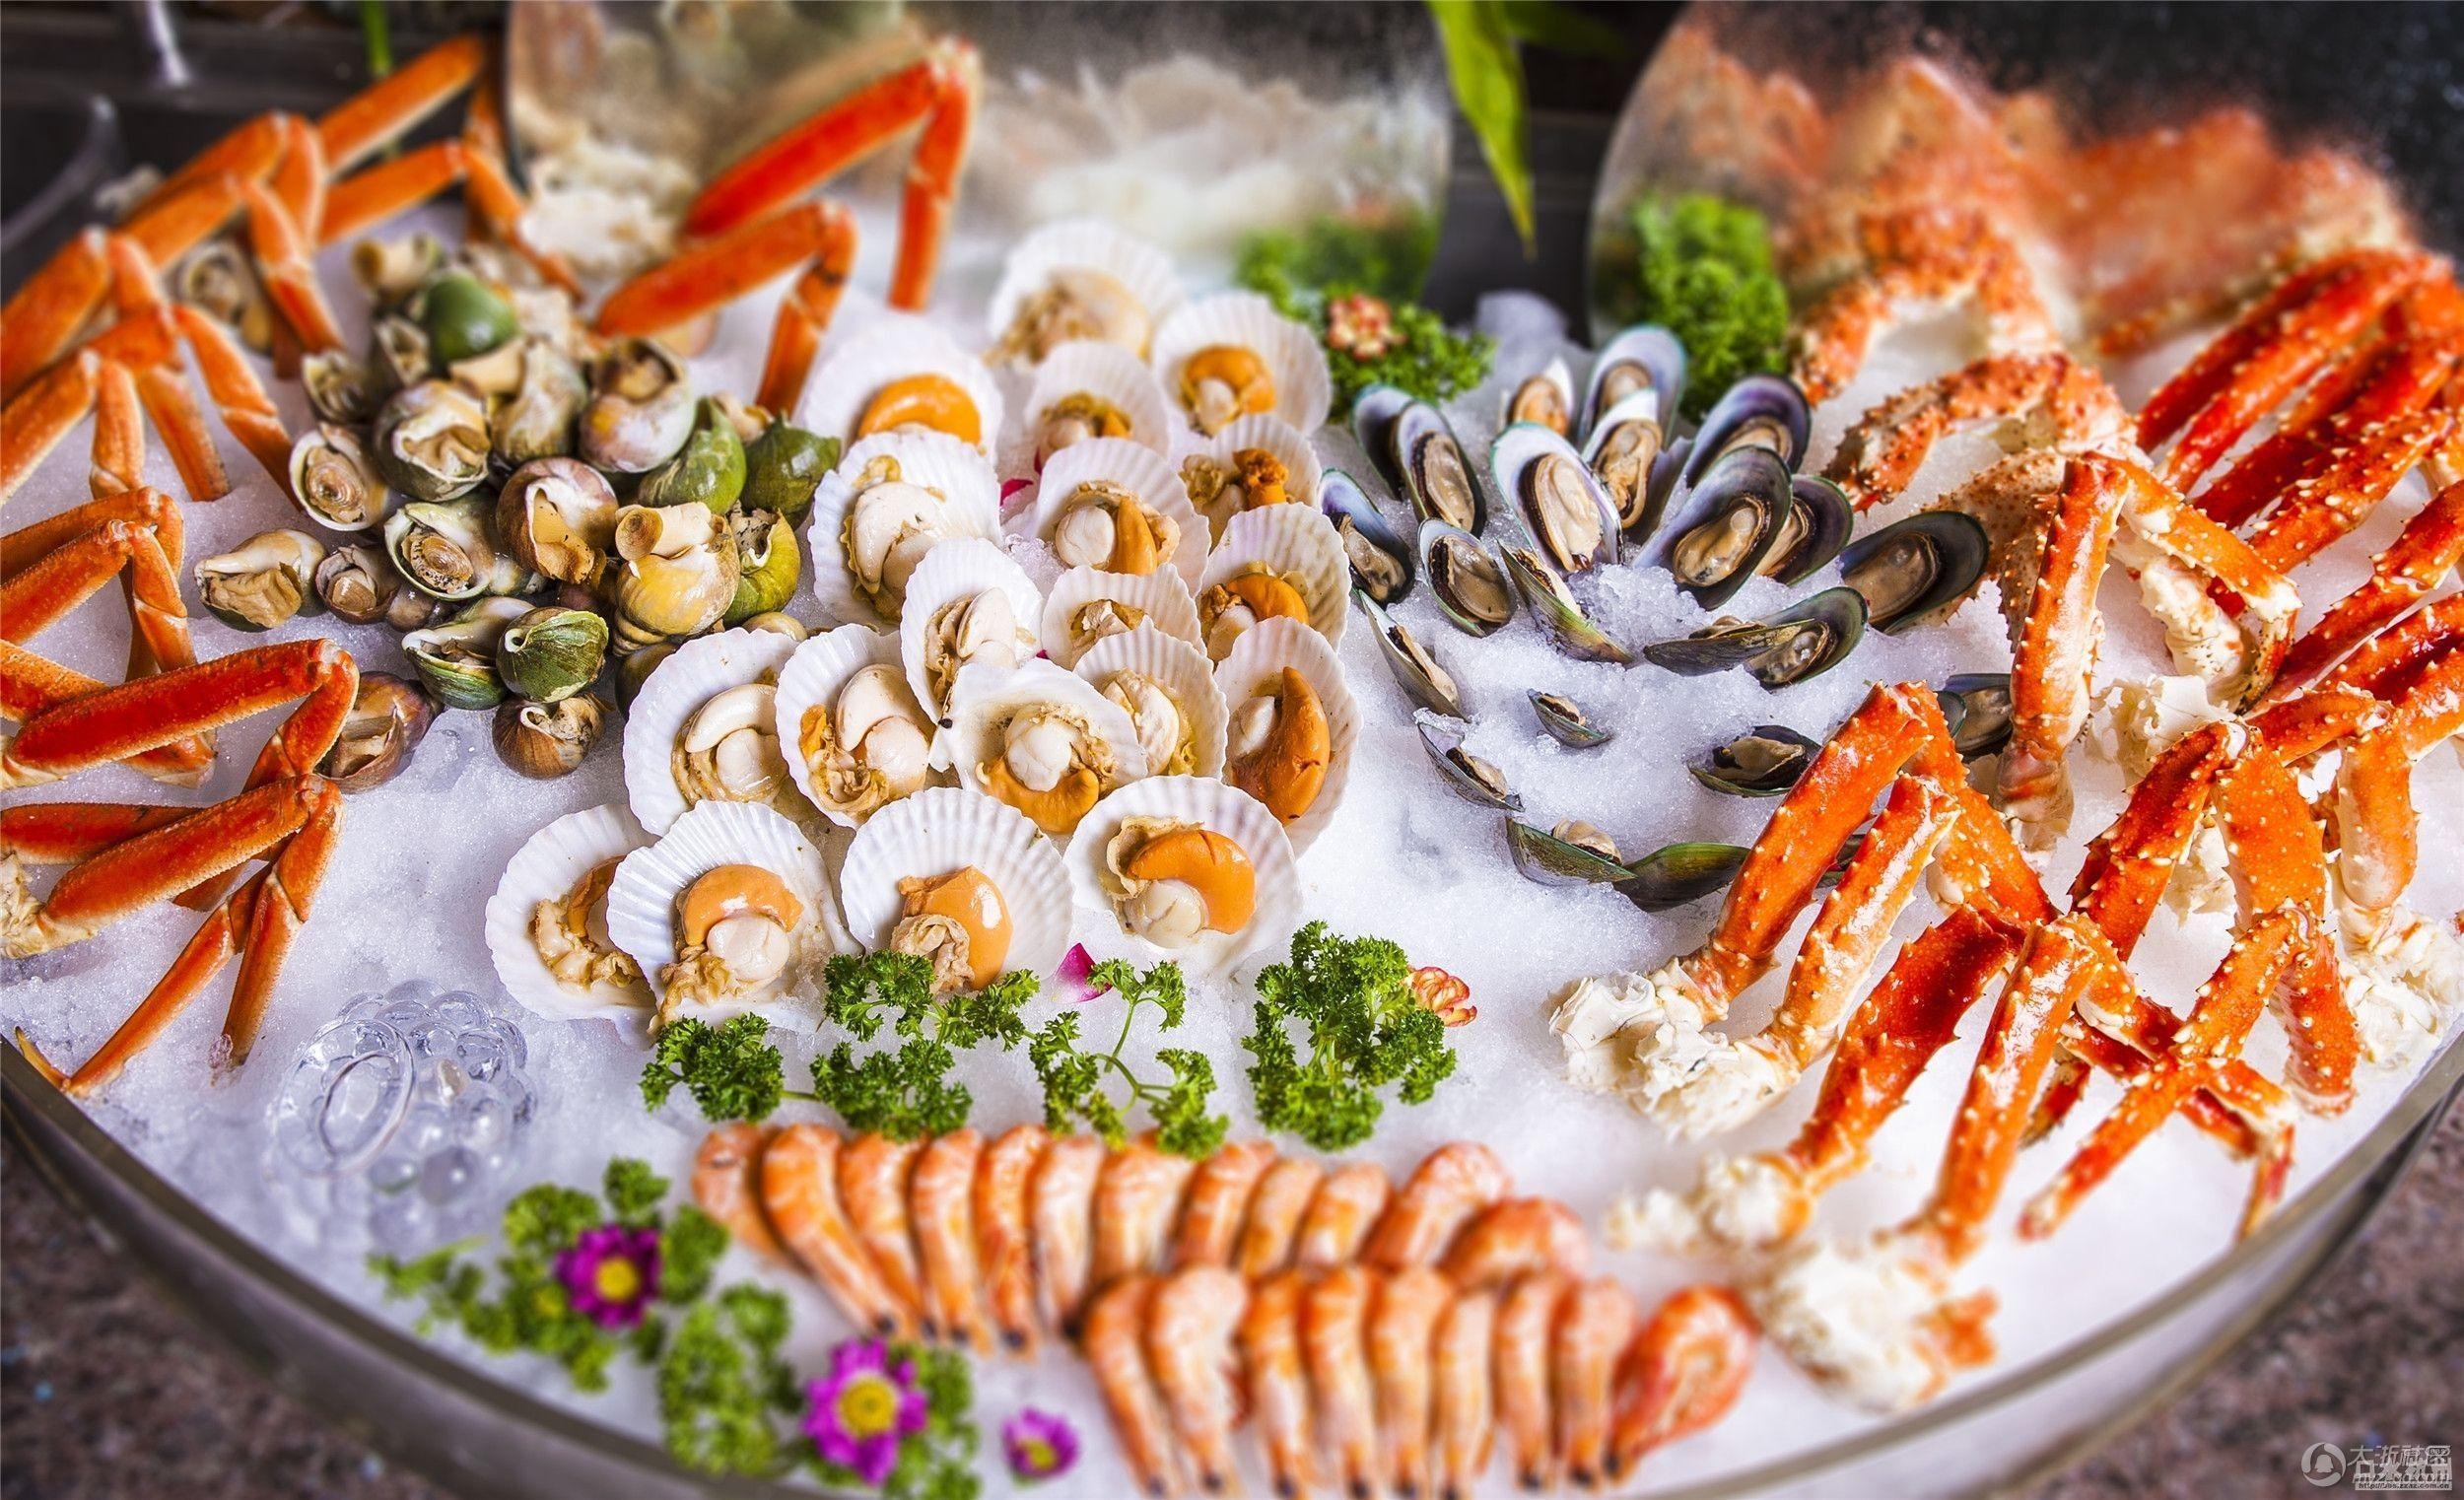 吃海鲜有何安全警告